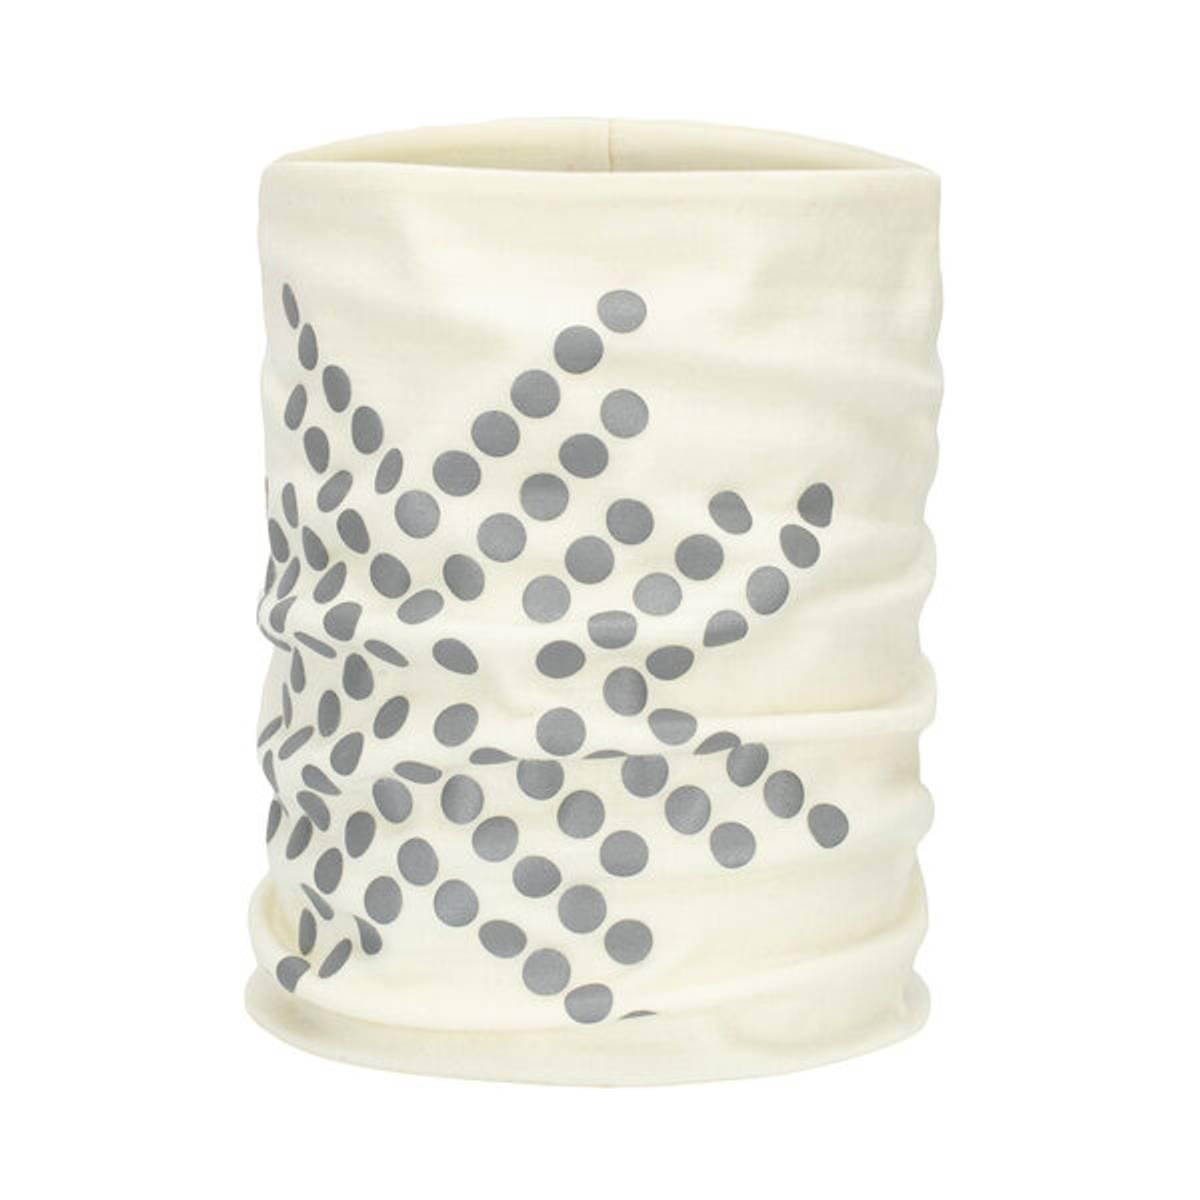 Morild Sølvfaks hals med refleks, hvit